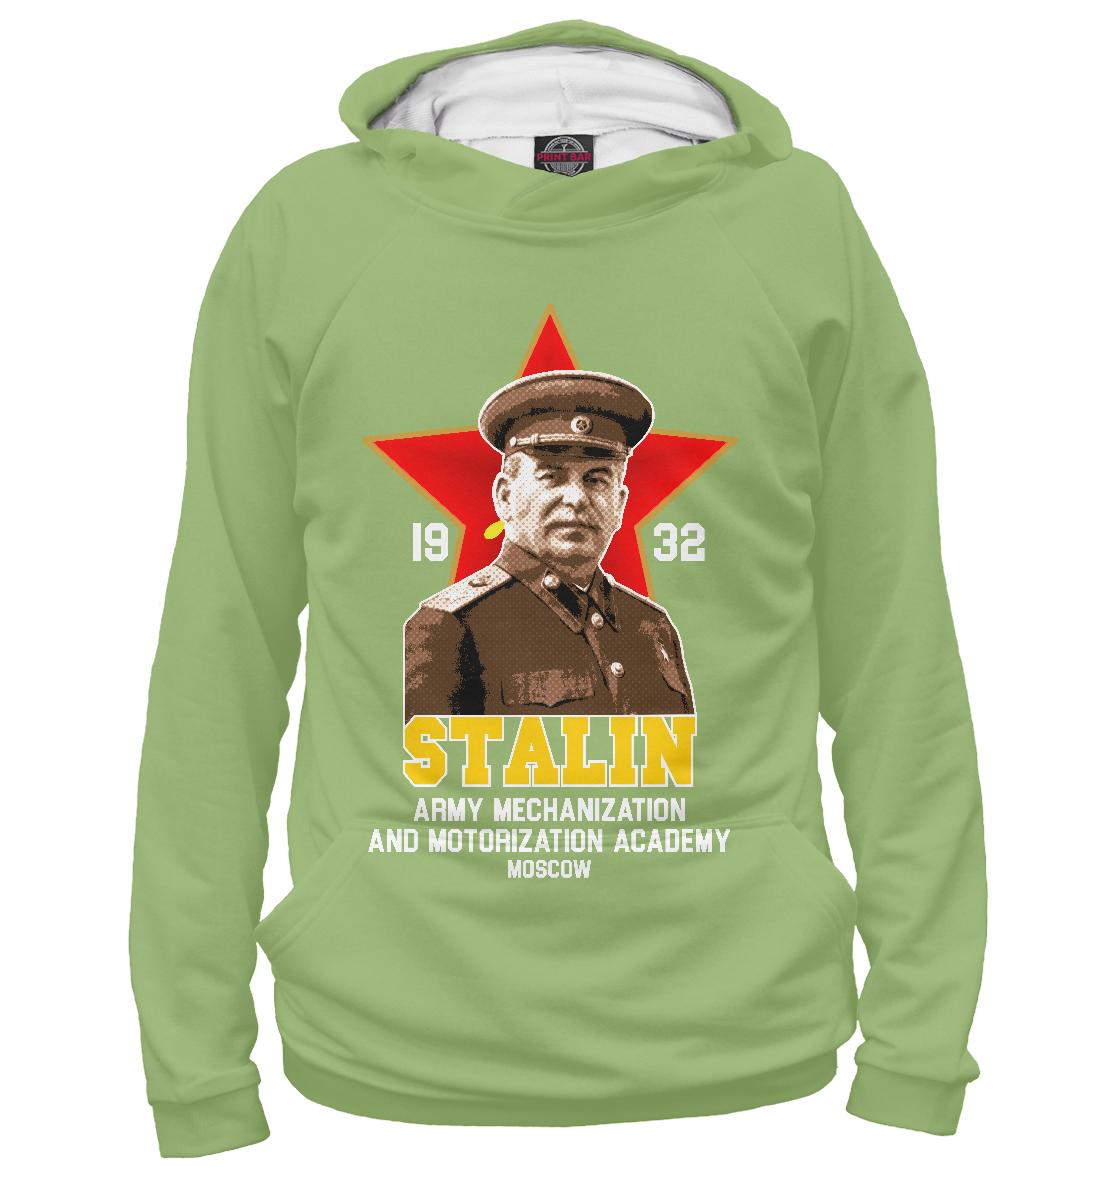 Военная академия механизации и моторизации РККА имени Сталина